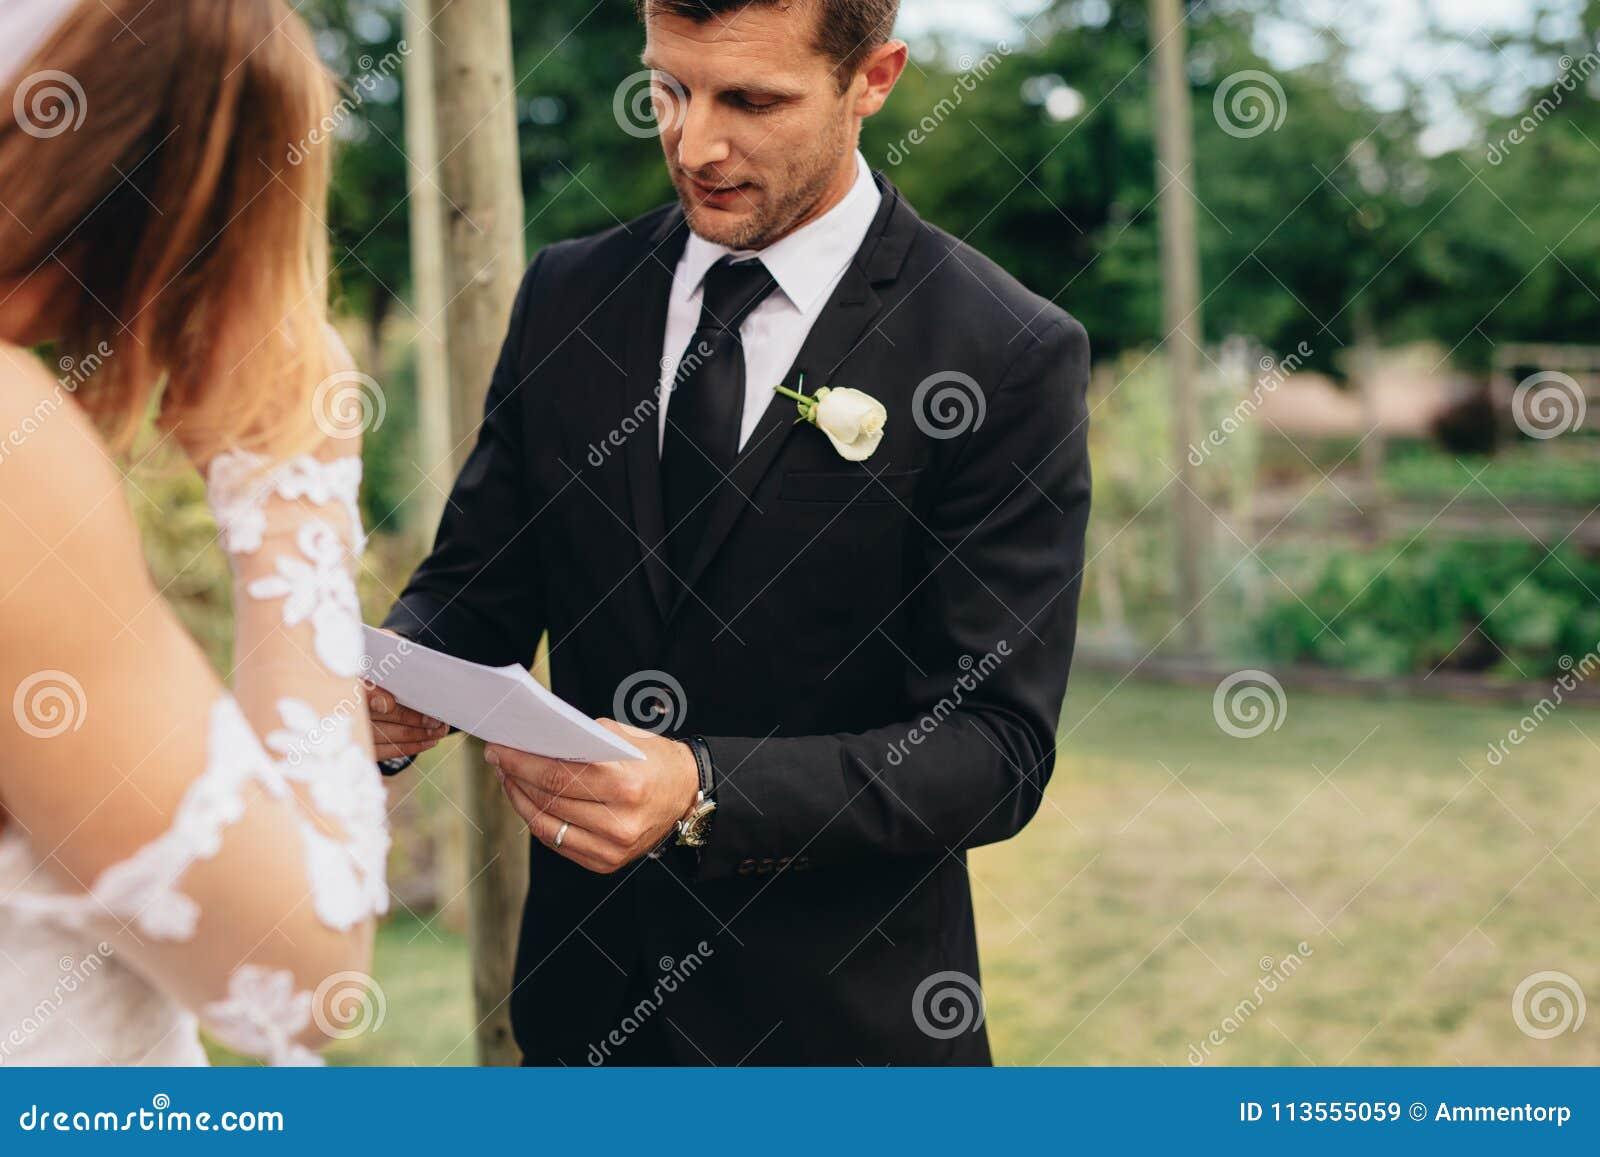 Τελετουργικά γαμήλιας τελετής ενός ζεύγους